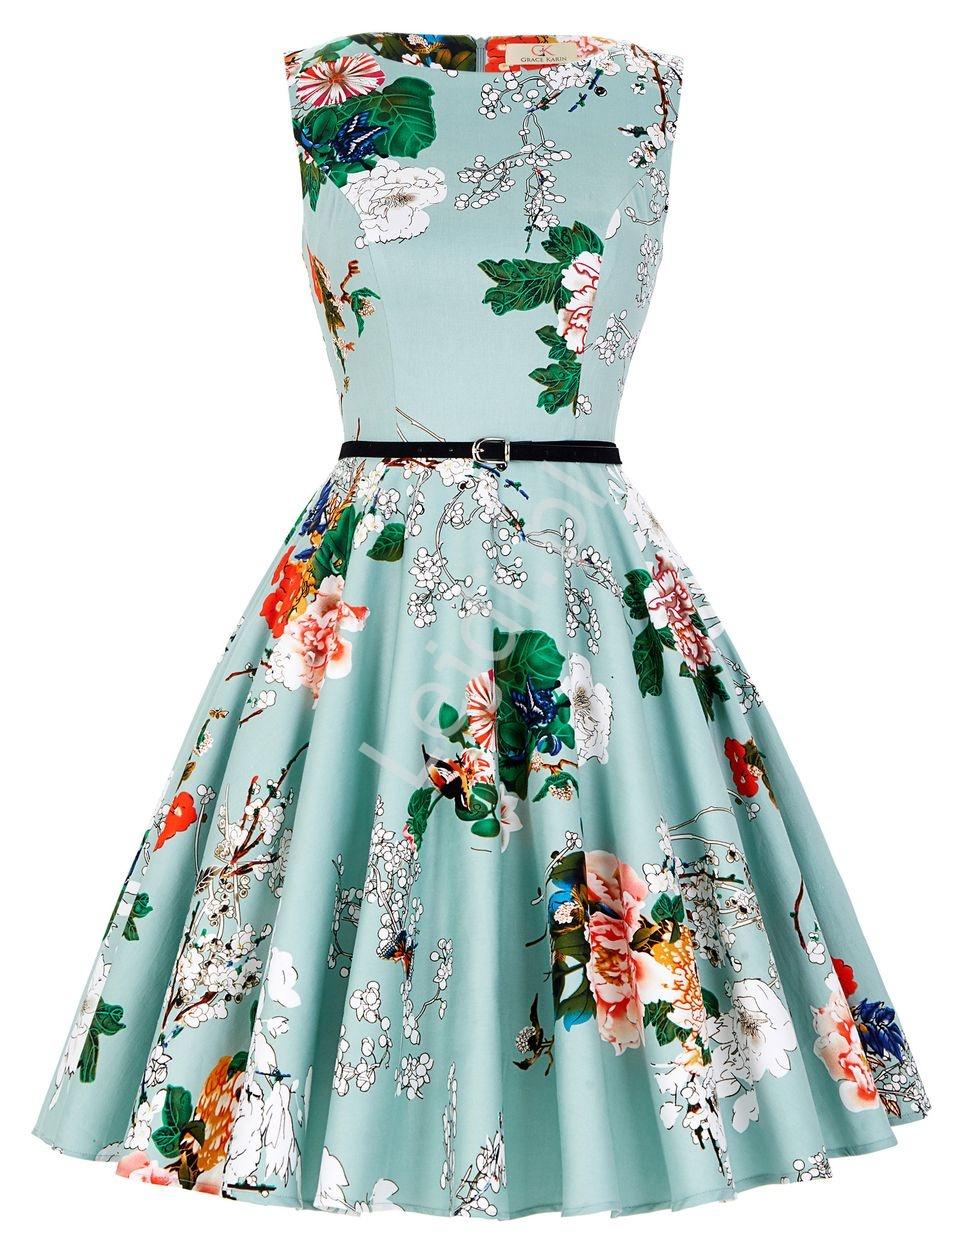 Miętowa sukienka retro kolorowe kwiaty w stylu pin up 6086 - Lejdi